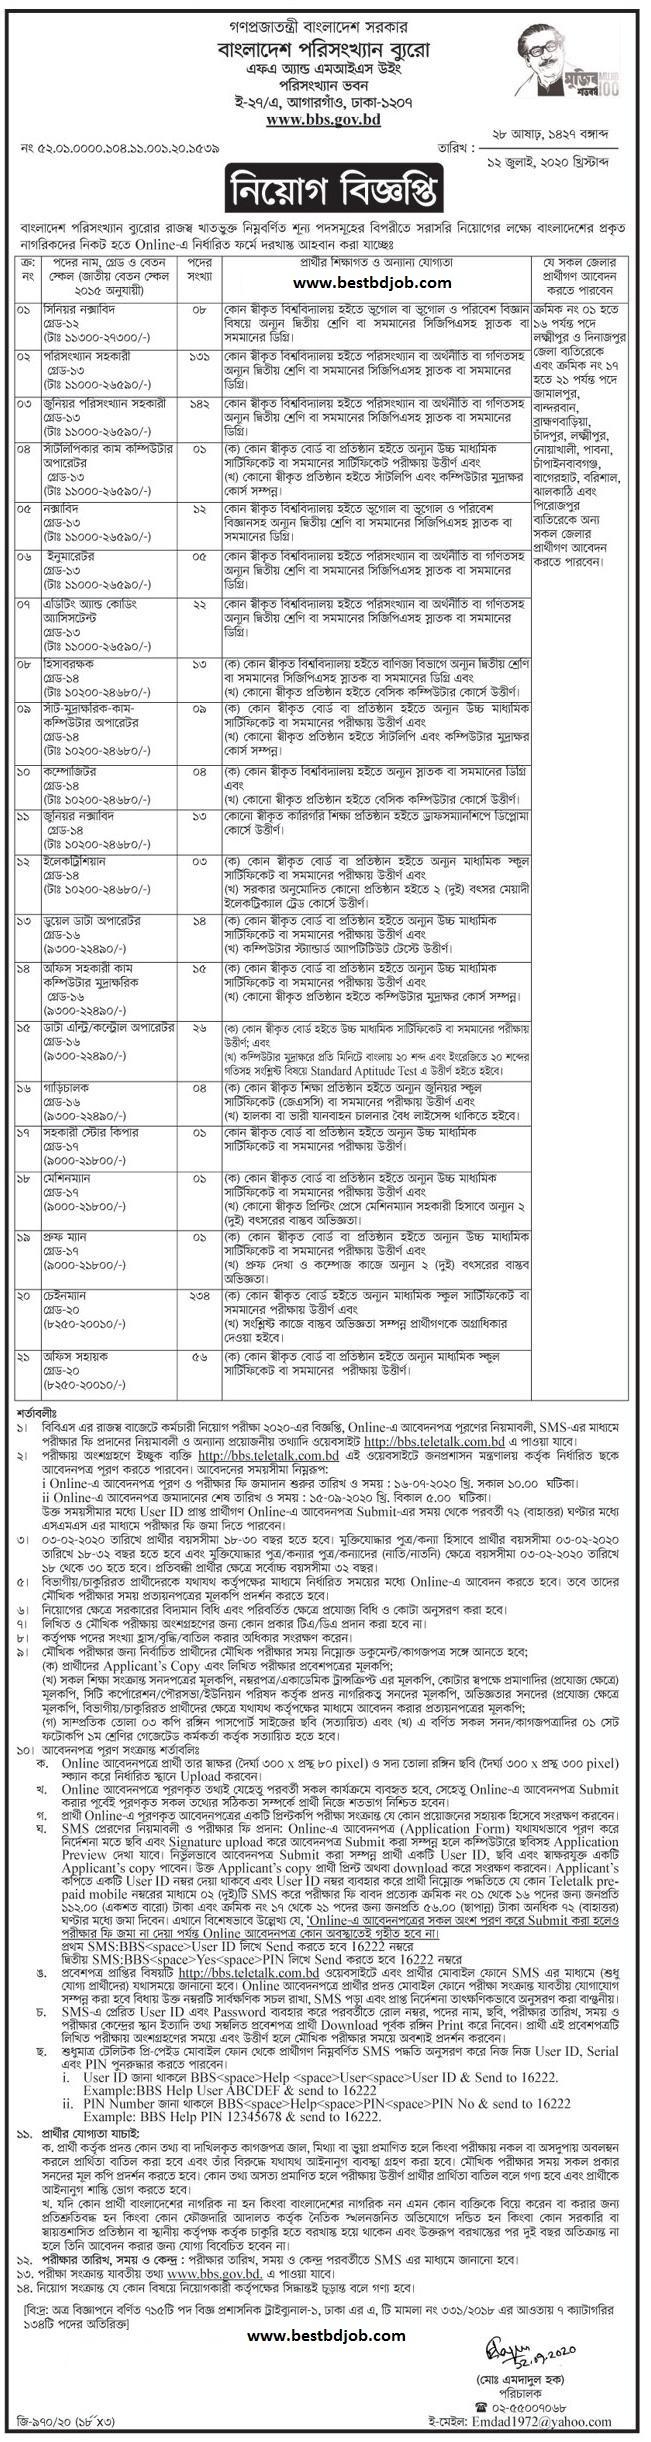 Bangladesh Bureau Statistics BBS Job Circular 2020